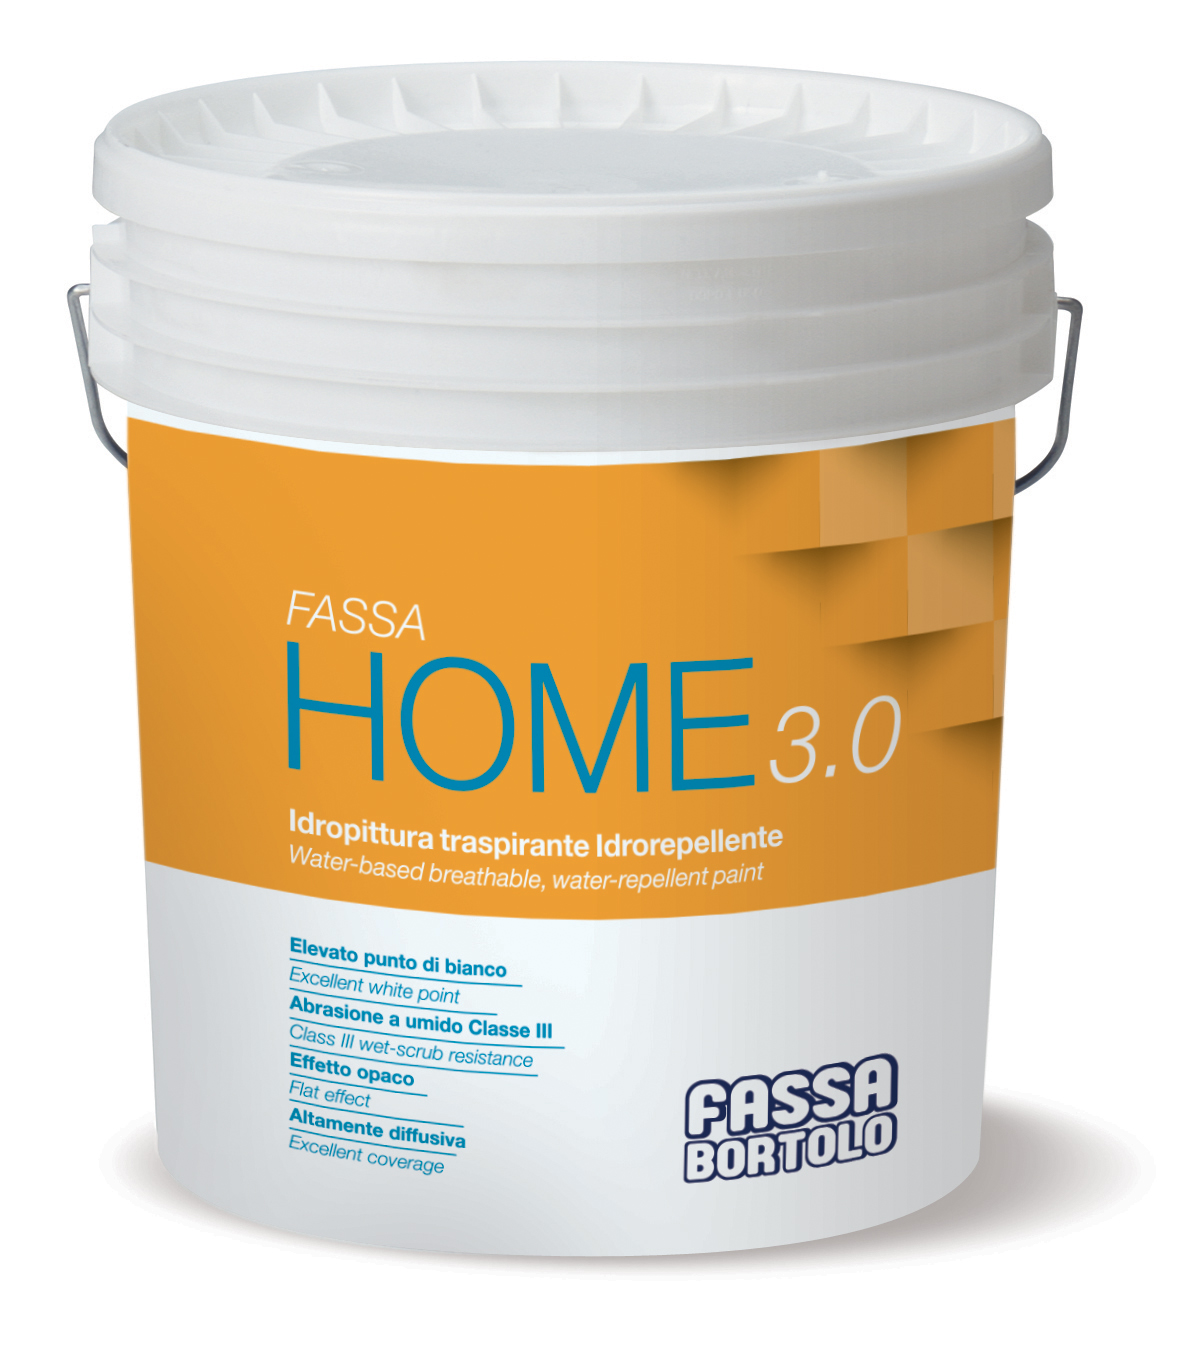 FASSA HOME 3.0: Wasserabweisender diffusionsoffener Anstrich auf Wasserbasis